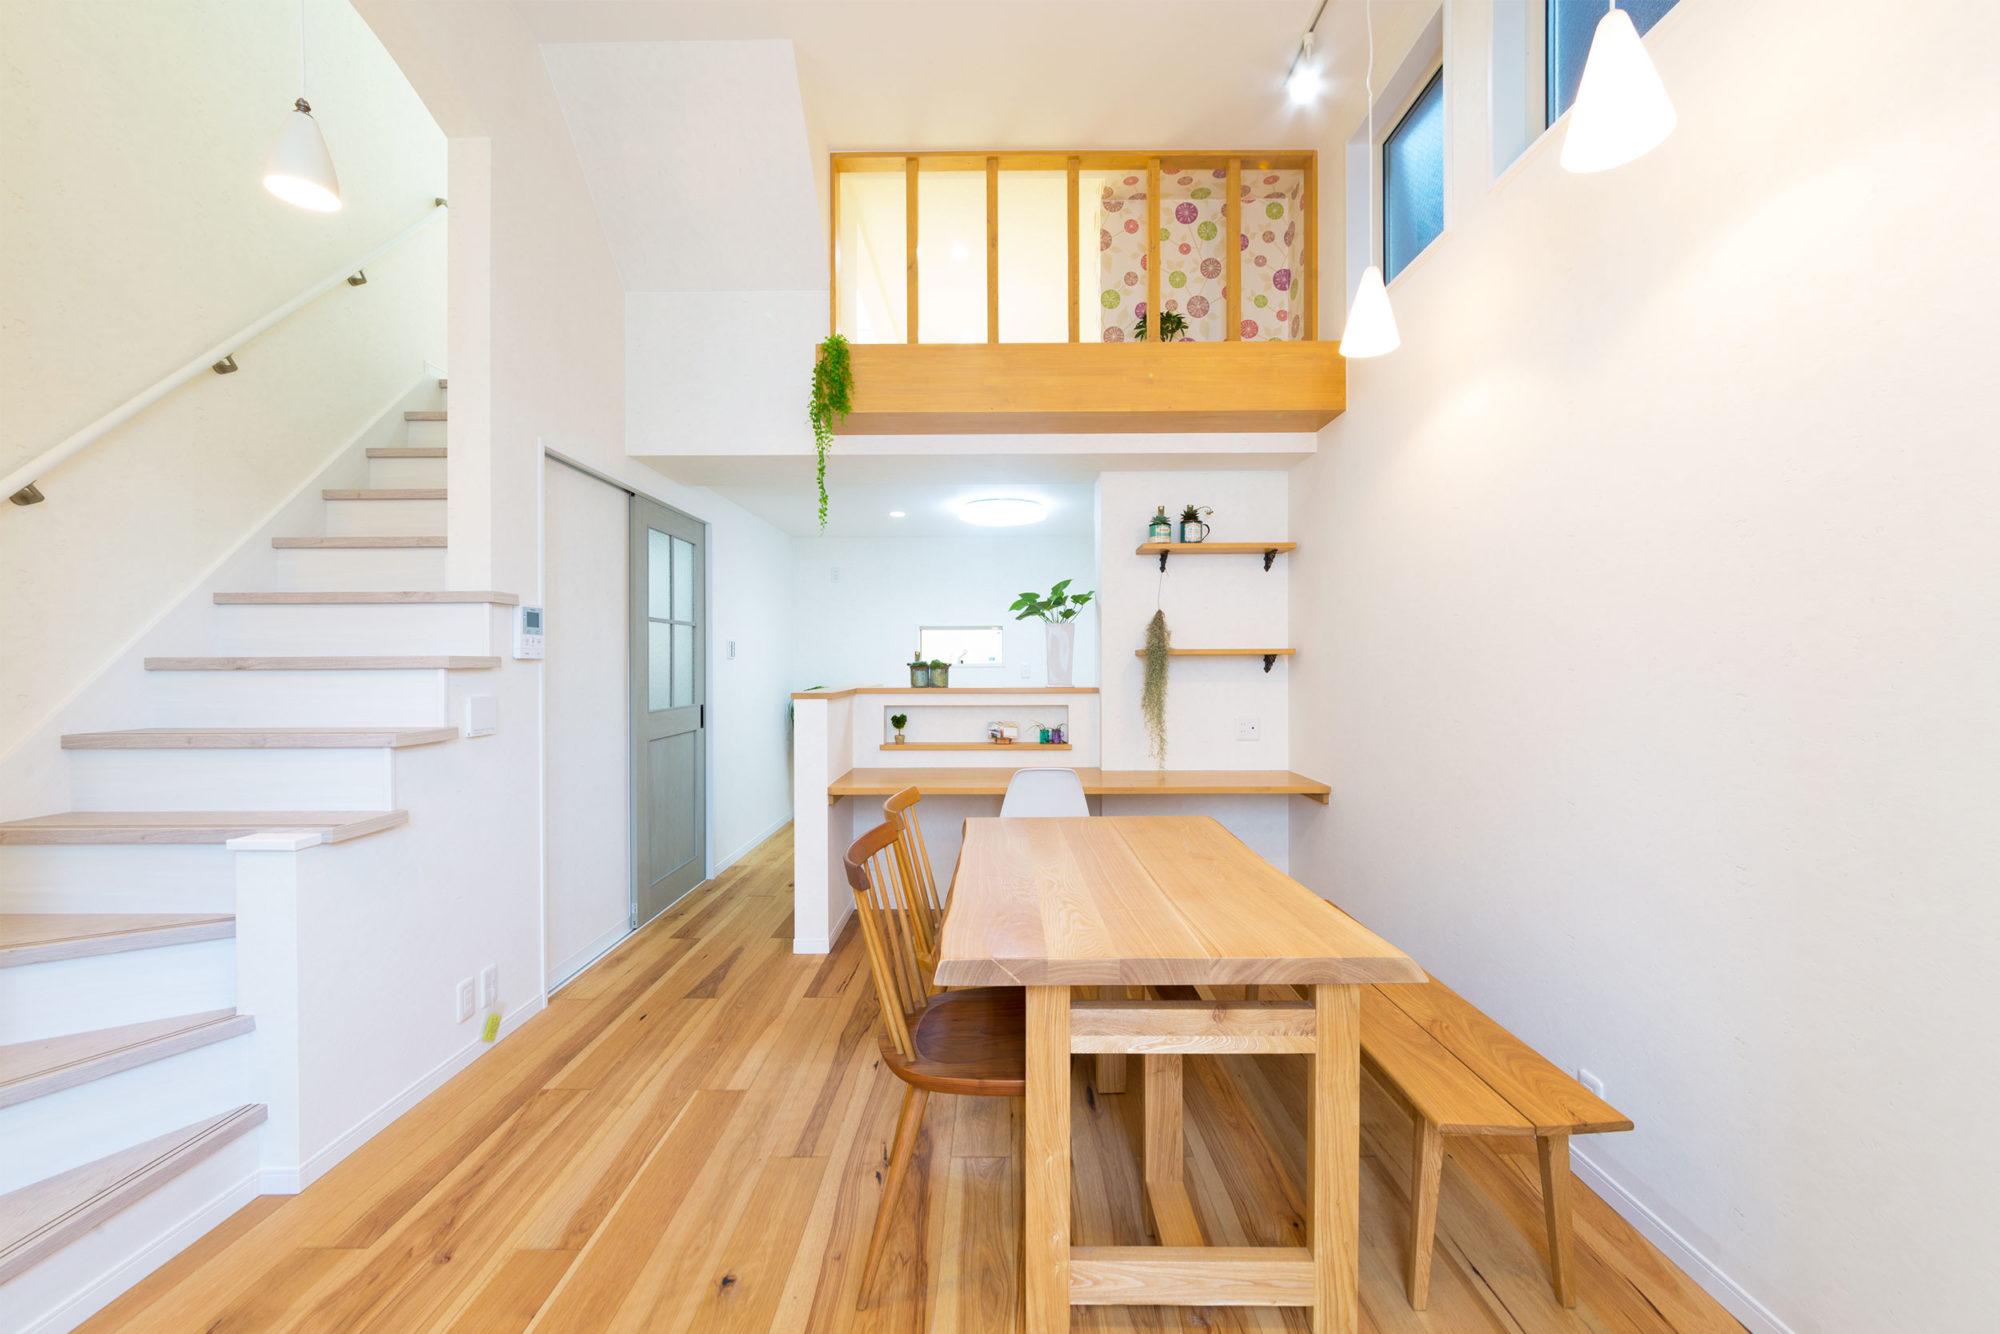 16坪の土地での大空間な家